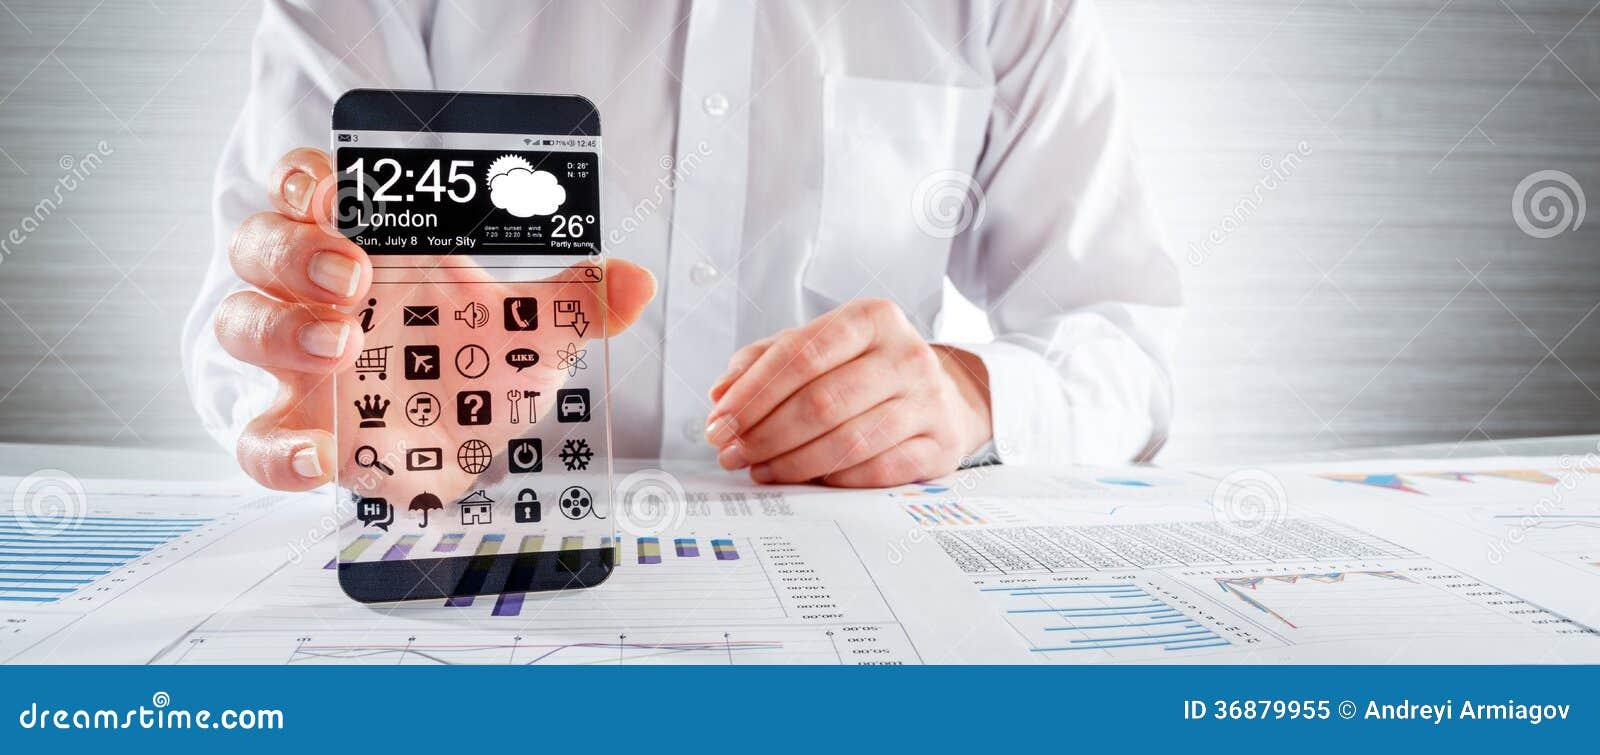 Download Smartphone Con Lo Schermo Trasparente In Mani Umane. Illustrazione di Stock - Illustrazione di concetto, ufficio: 36879955